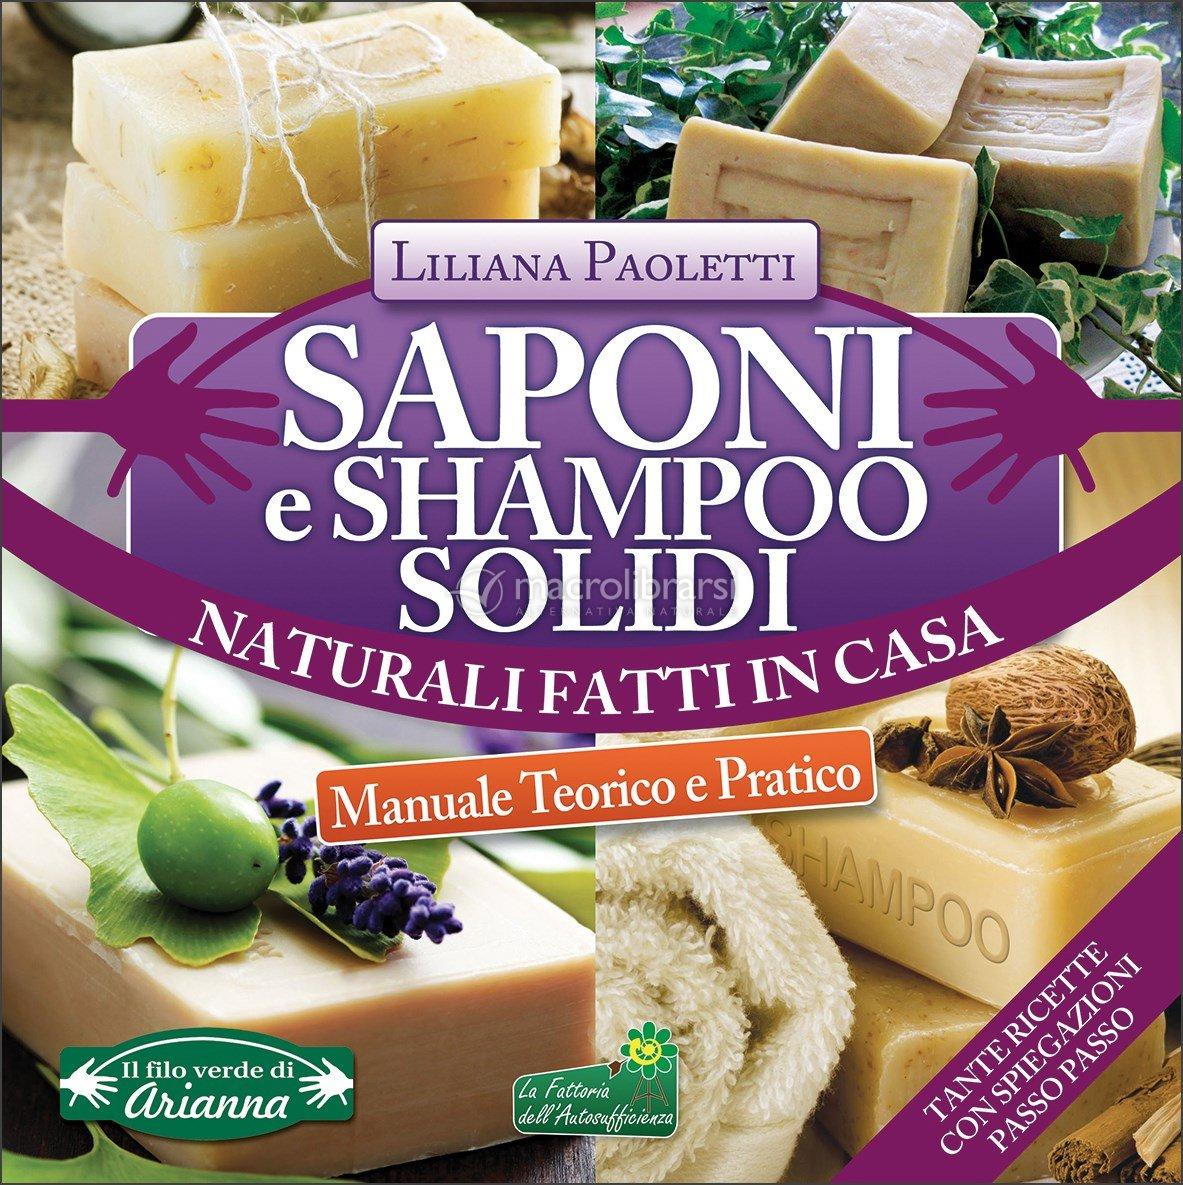 Saponi e Shampoo Solidi, Naturali, Fatti in Casa